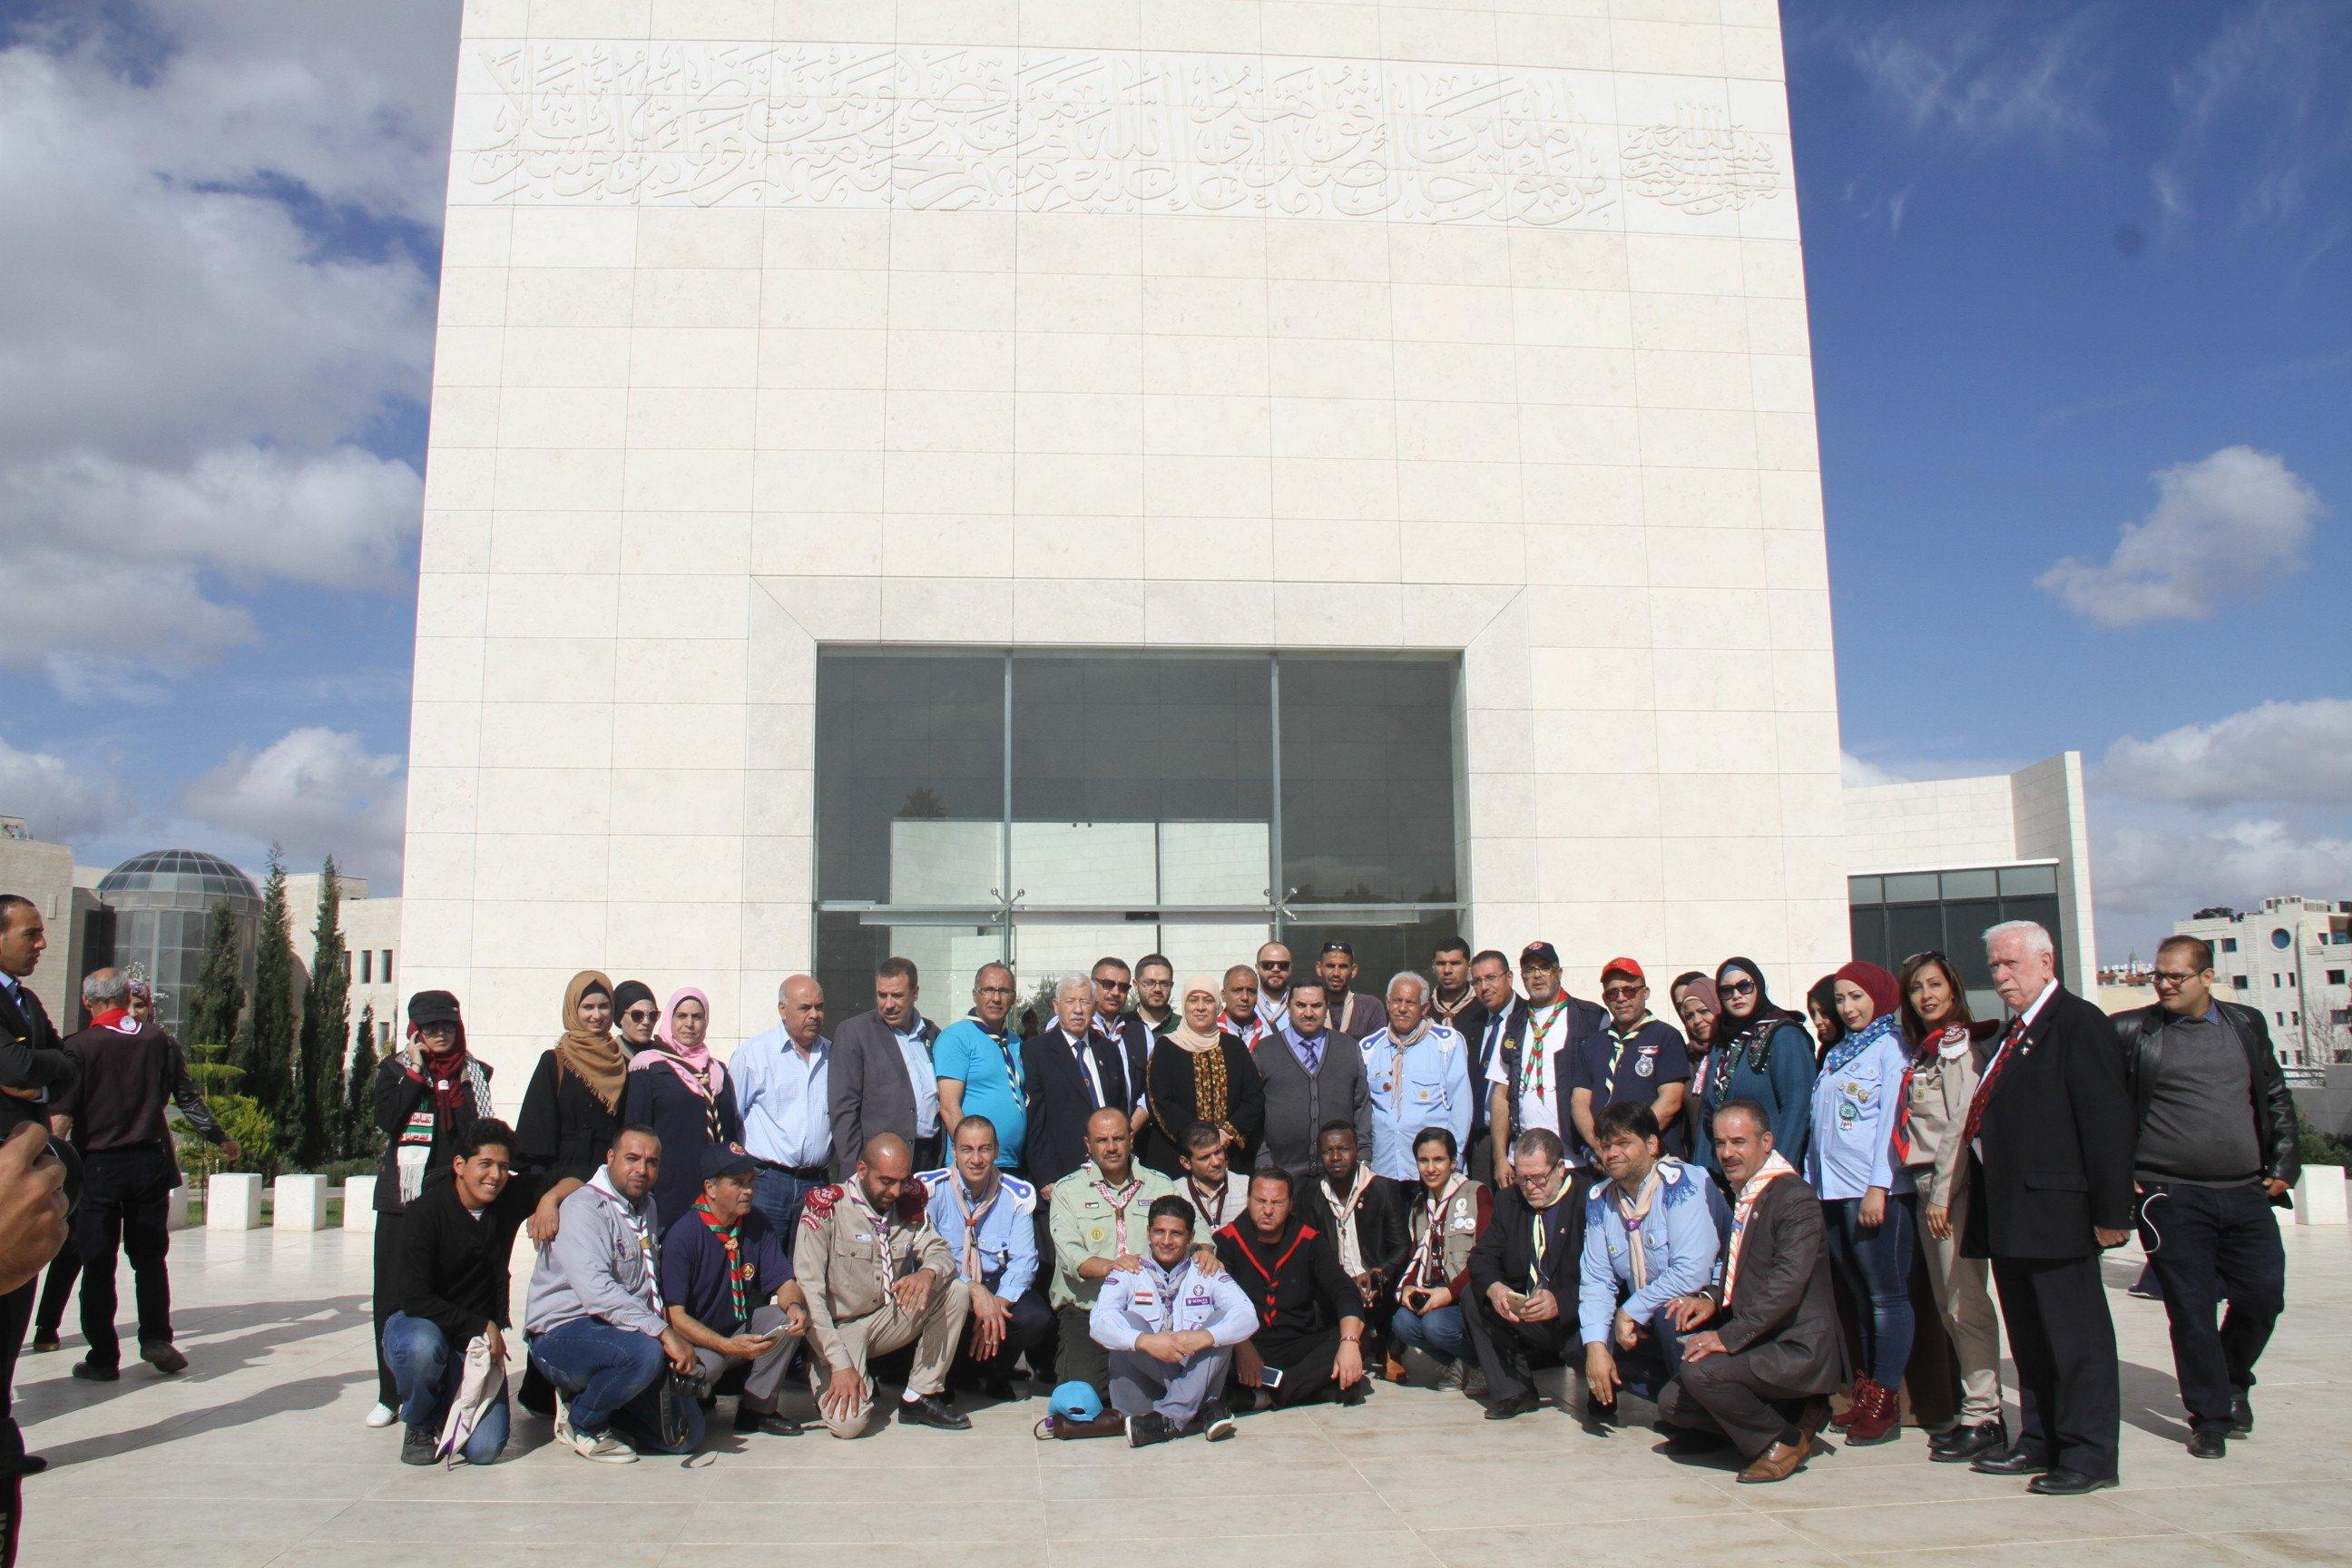 د.غنام ووفد الكشافة العربية والفلسطينية يضعون اكليلا من الزهور على ضريح ياسر عرفات